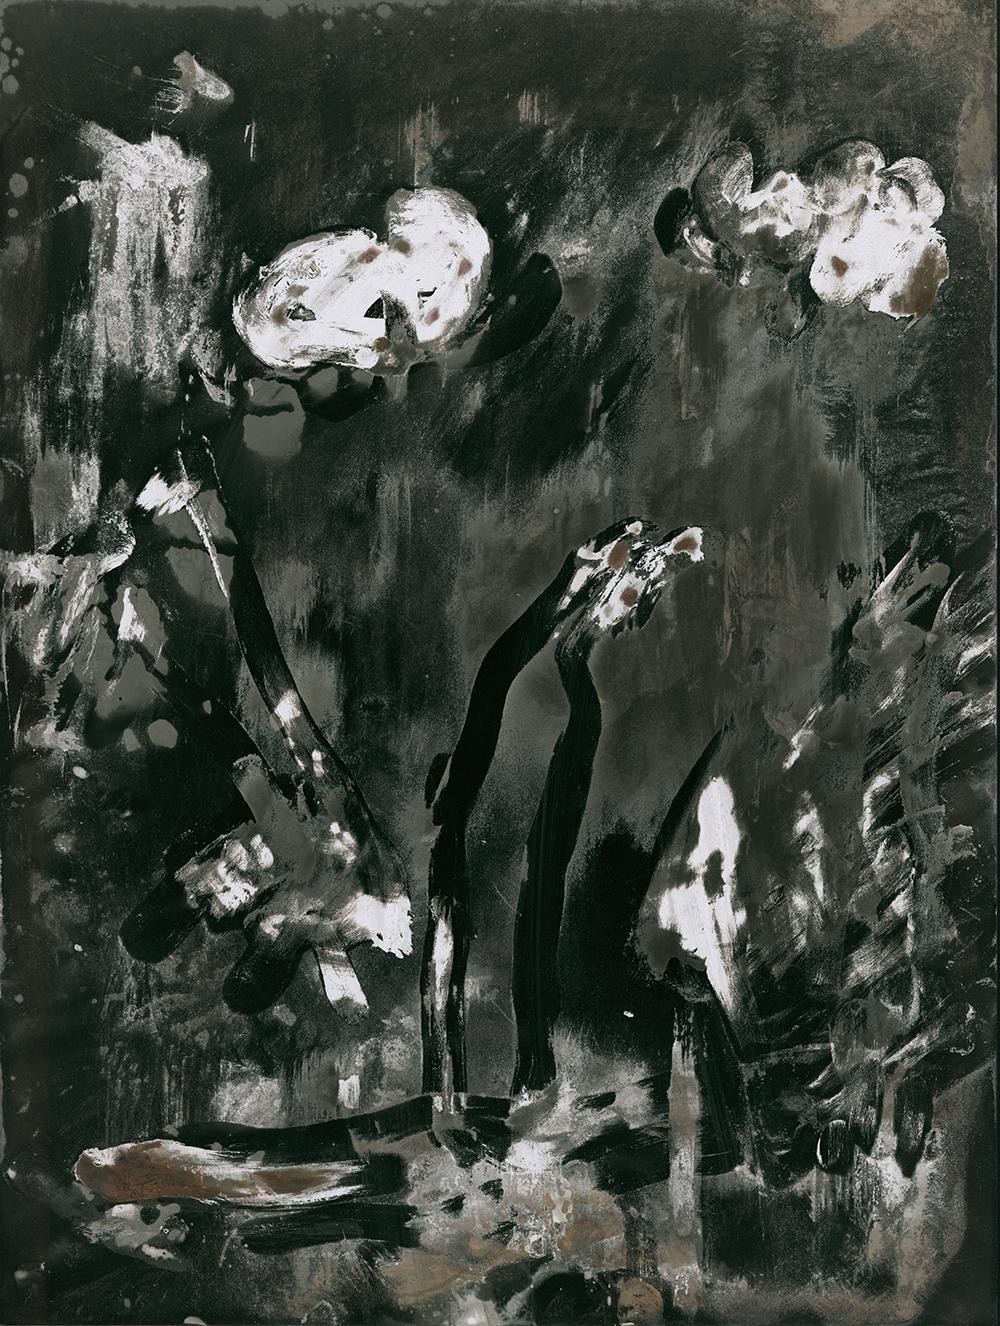 Eliška Bartek - Geheime Fotografie - Unikat 30 x 40 cm, 2014